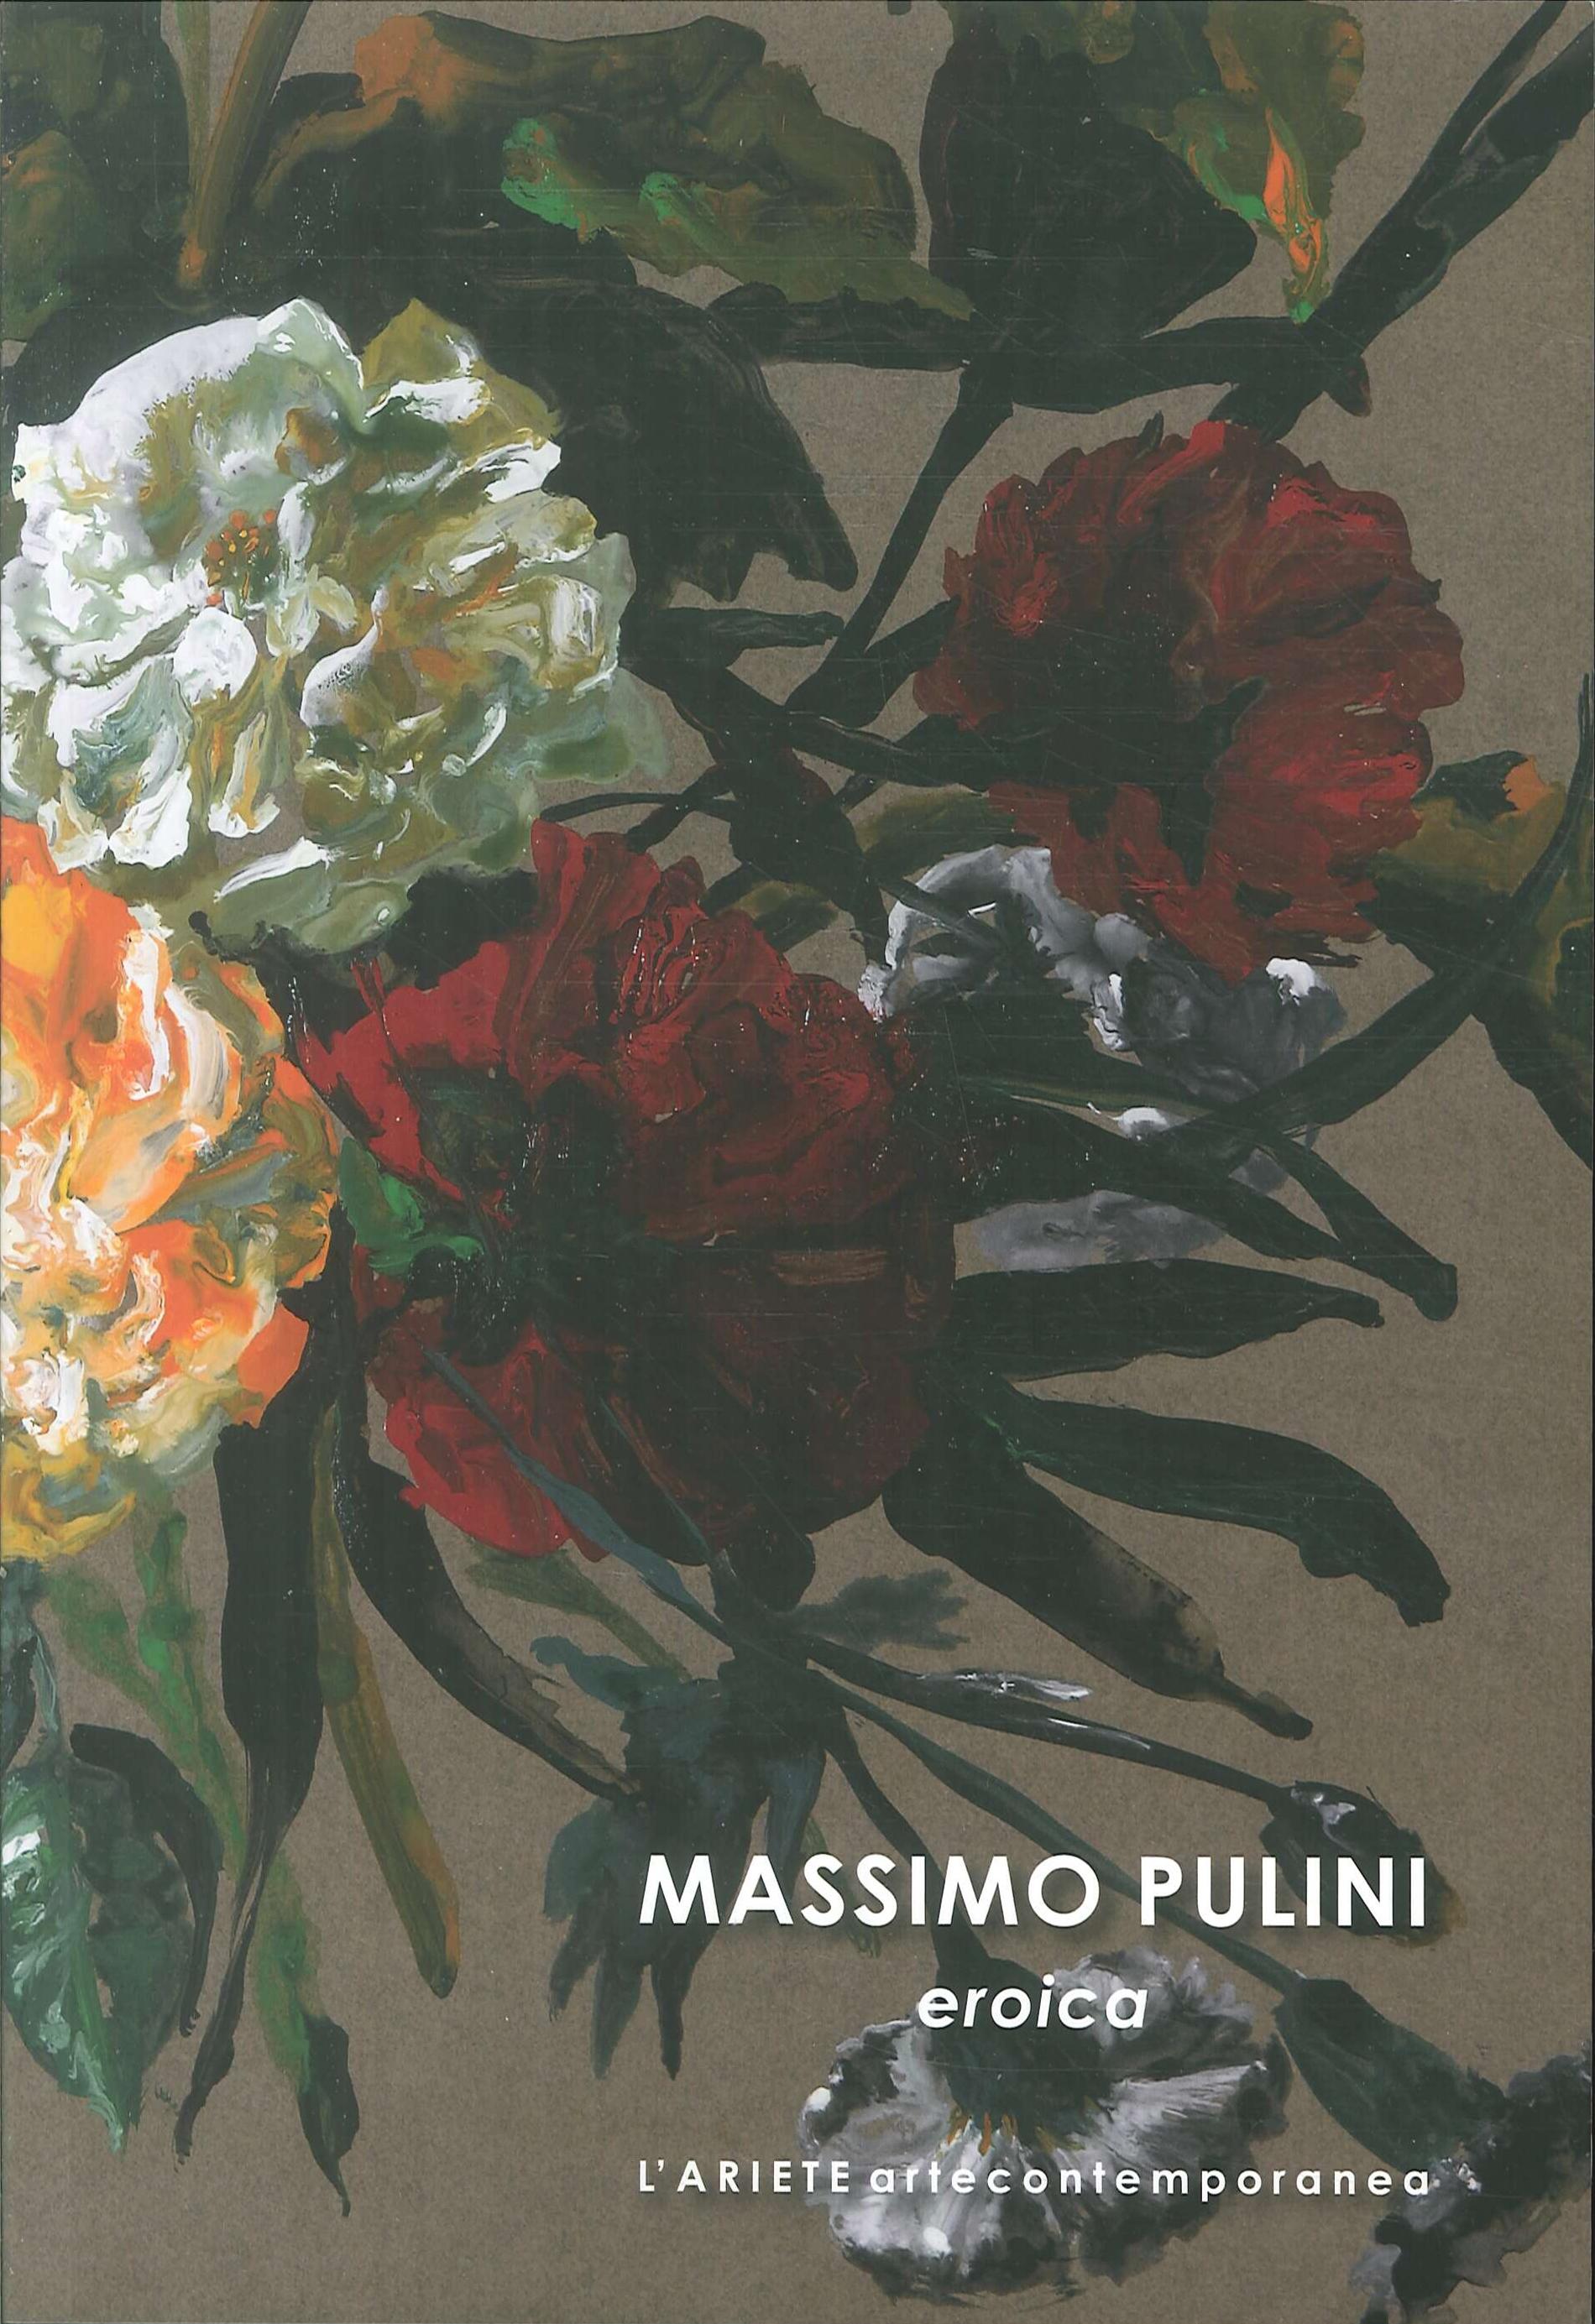 Massimo Pulini. Eroica